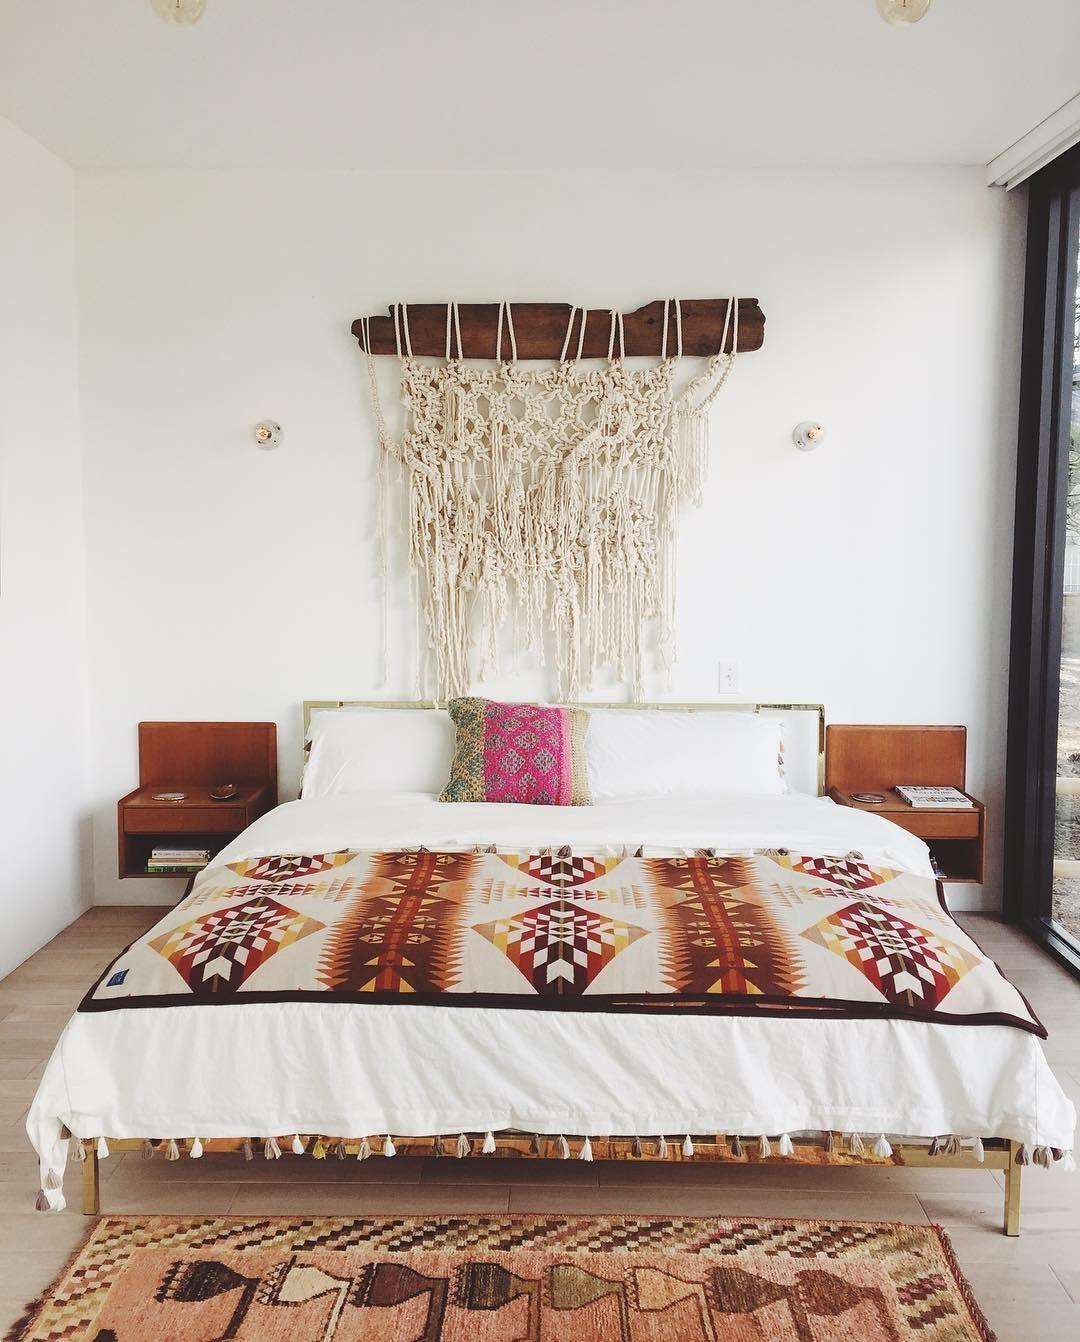 Como decorar tu habitacion sin gastar dinero affordable - Como decorar tu cuarto ...